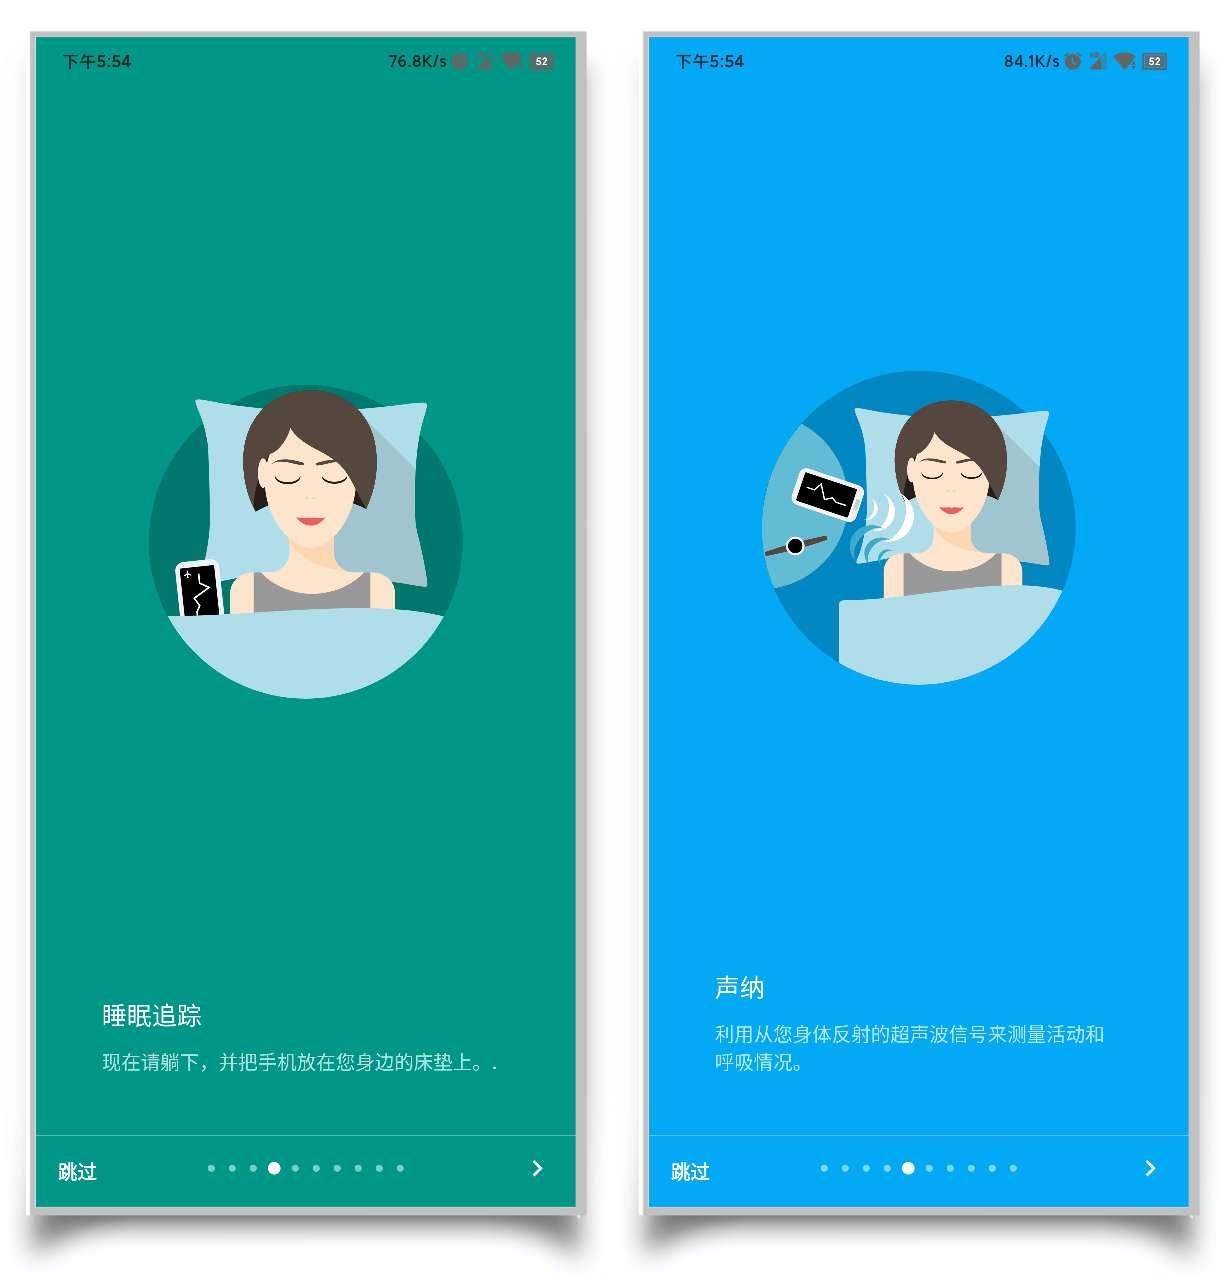 「分享」睡眠追踪v0331你还在为你的作息时间而担忧吗[惊讶]